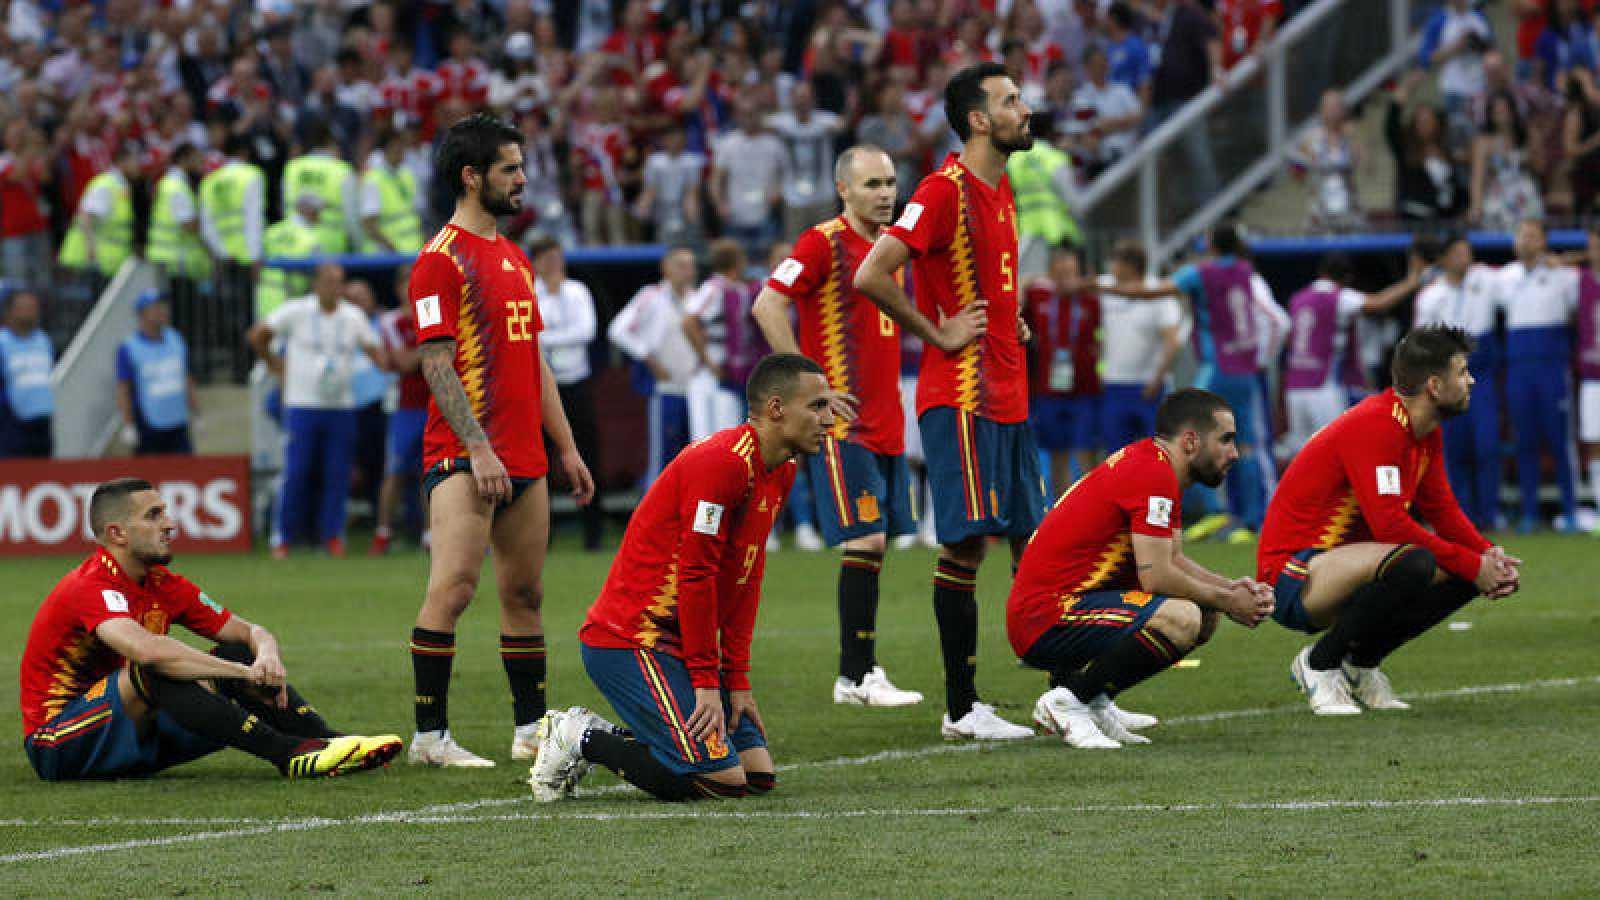 Los jugadores de la selección española, tras caer eliminados del Mundial de Rusia.